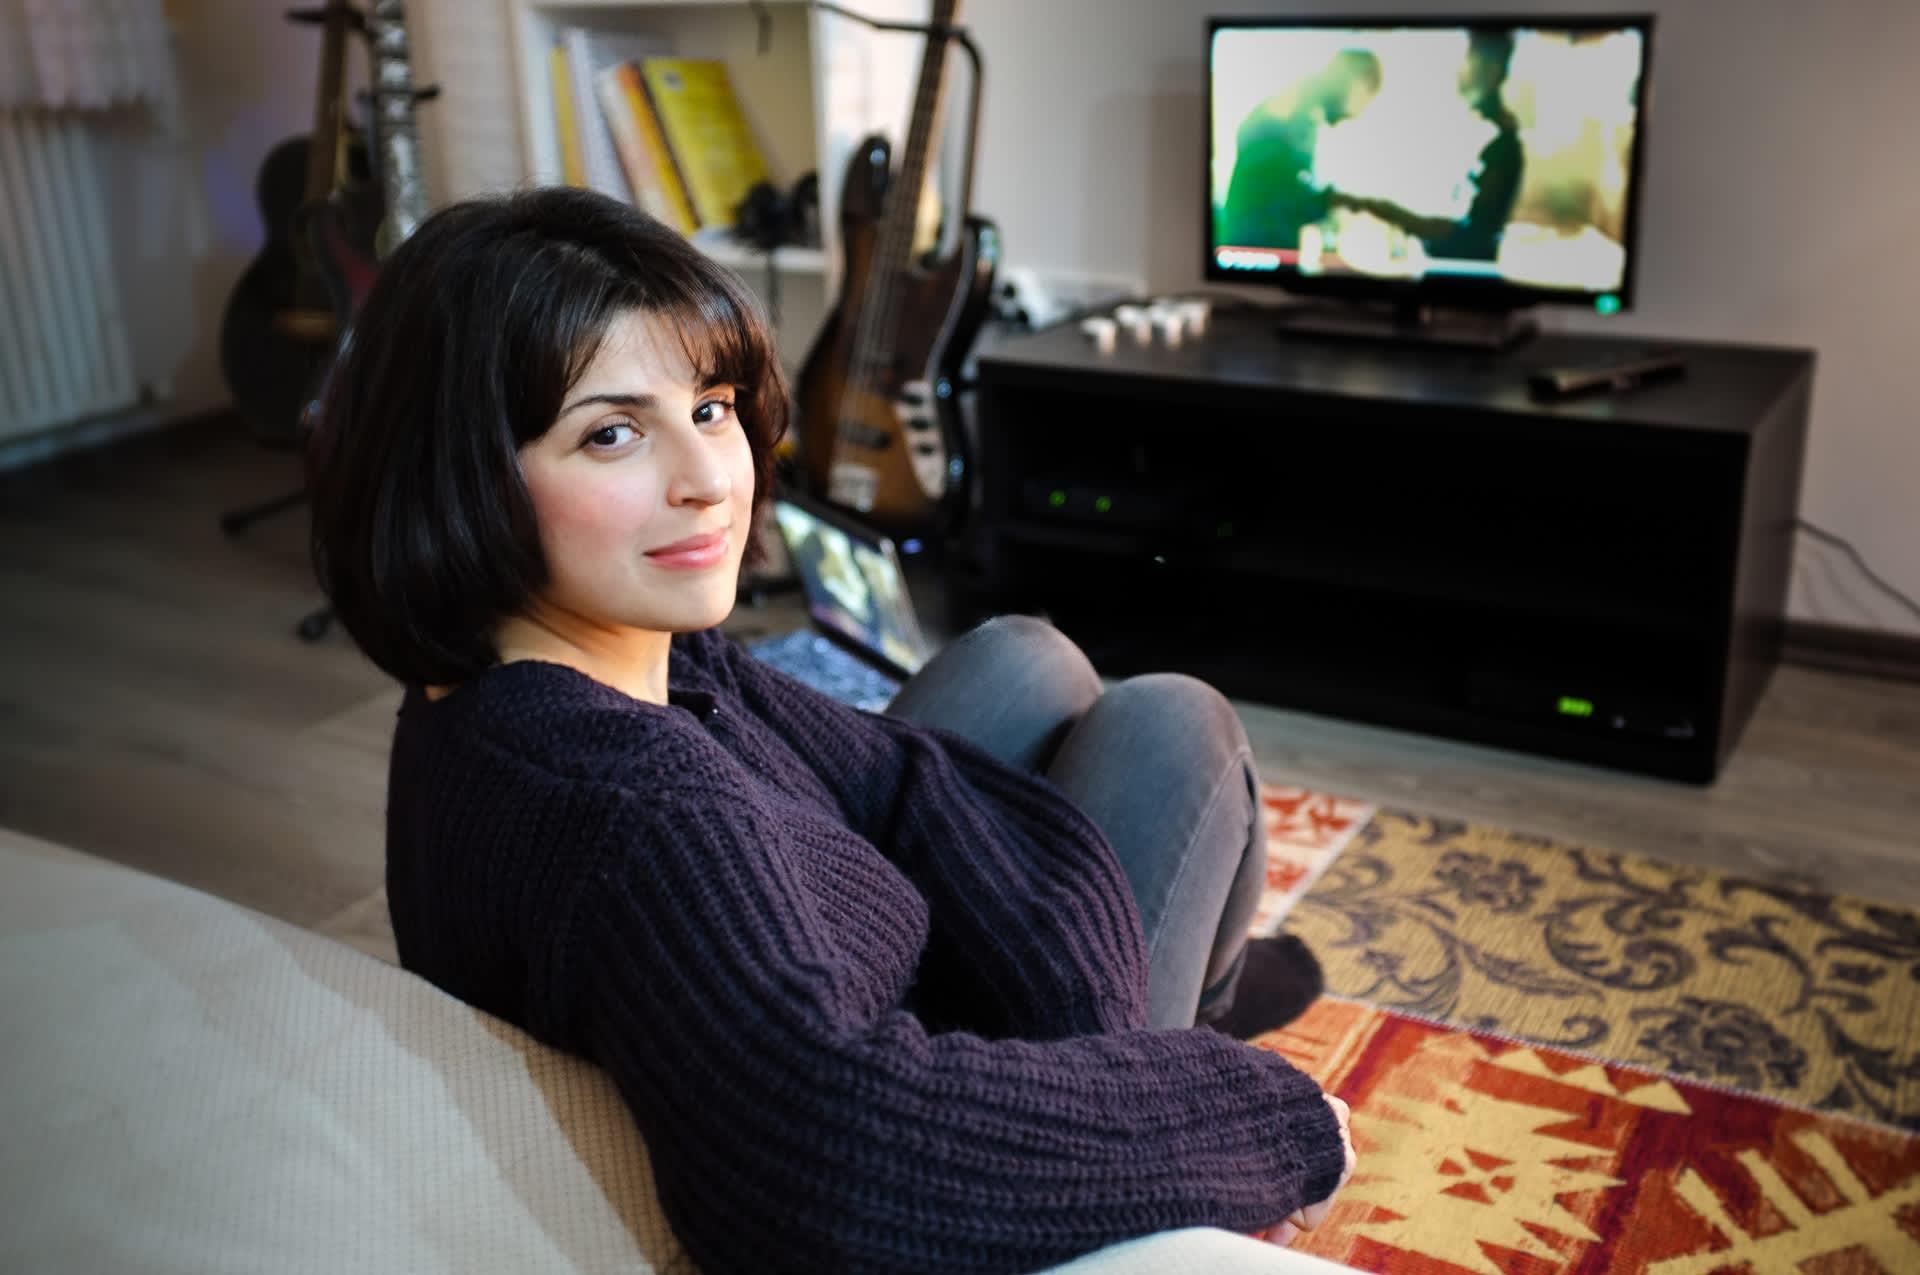 Istanbulilaisnainen Tuğba haluaisi sarjoihin vahvempia naishahmoja. Nyt saippuaoopperat pönkittävät hänestä perinteisiä sukupuolirooleja.